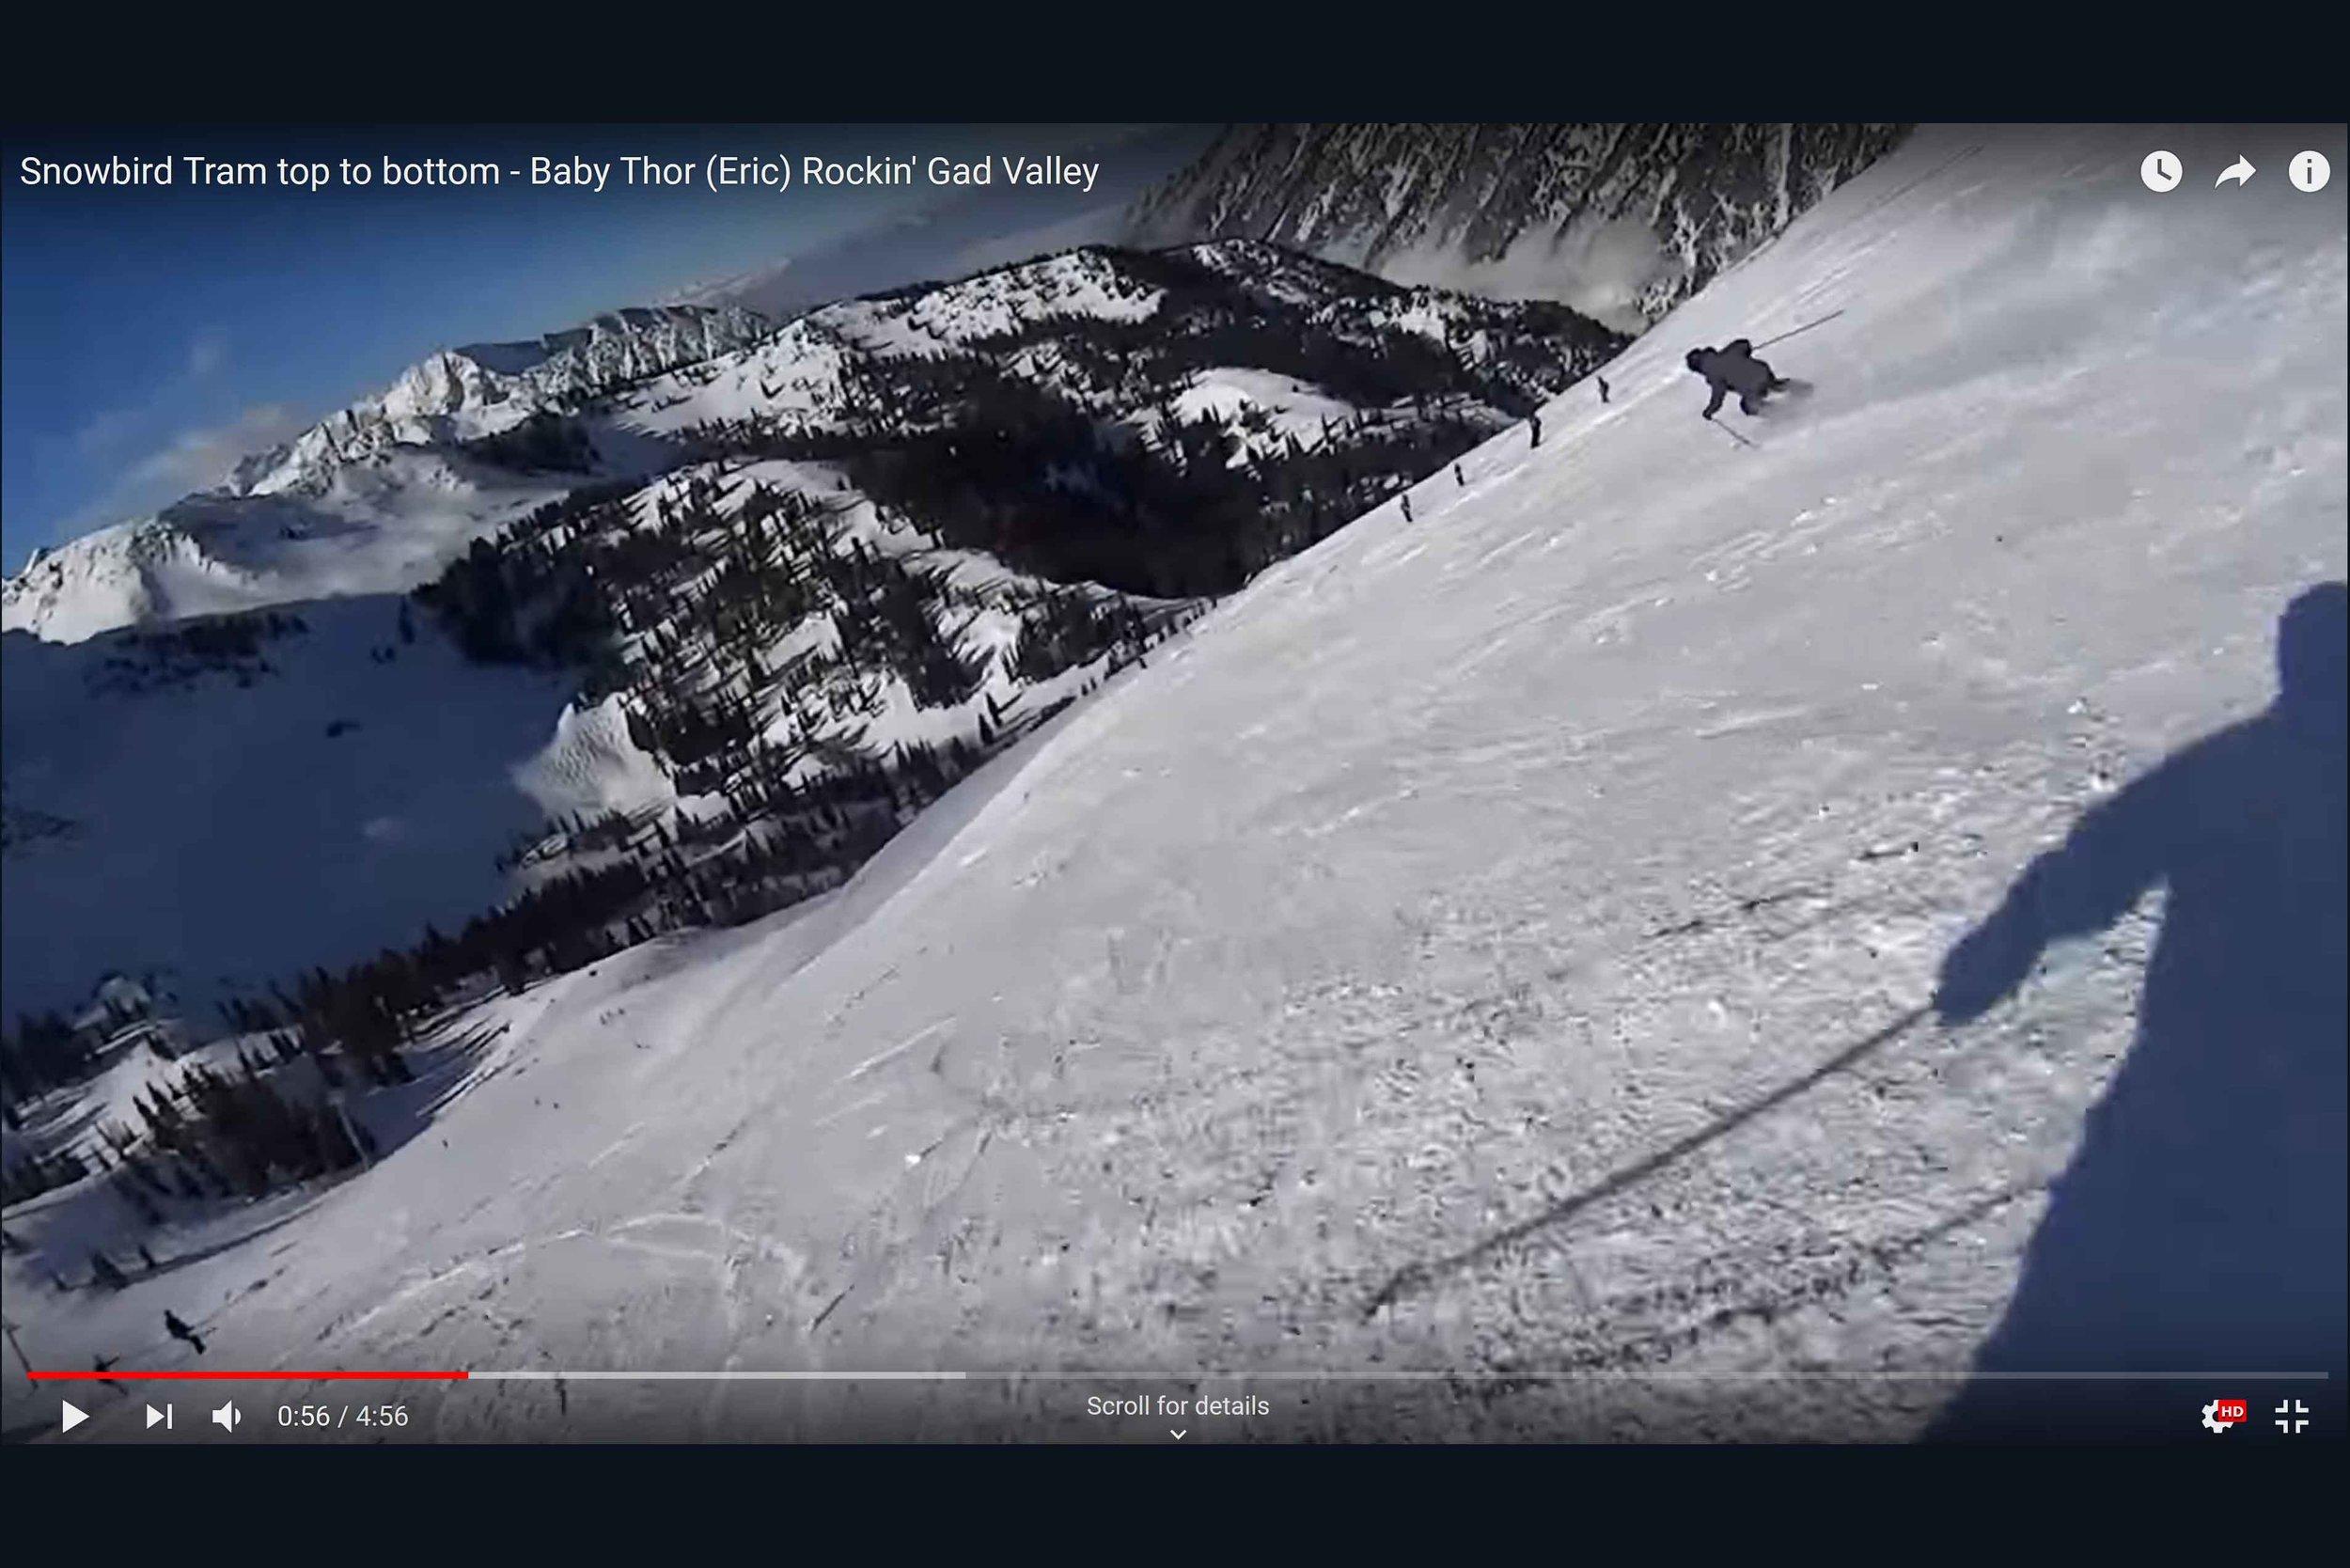 Snowbird Tram Top to Bottom - Baby Thor (Eric) Rockin' Gad Valley